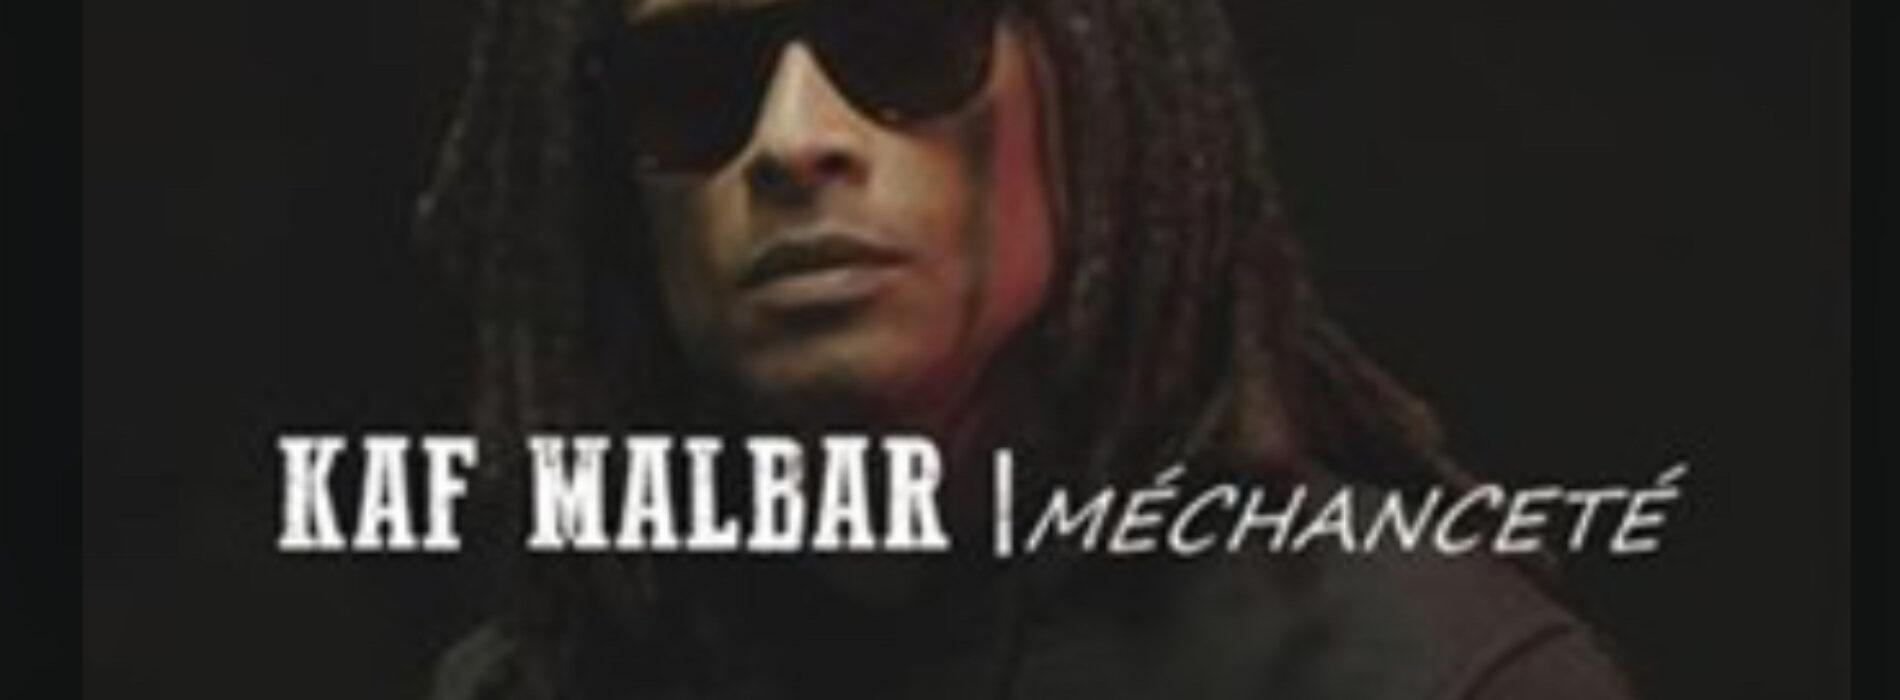 Kaf malbar nous dévoile un nouveau titre – «Méchanceté «– (Clip officiel) – Mai 2021